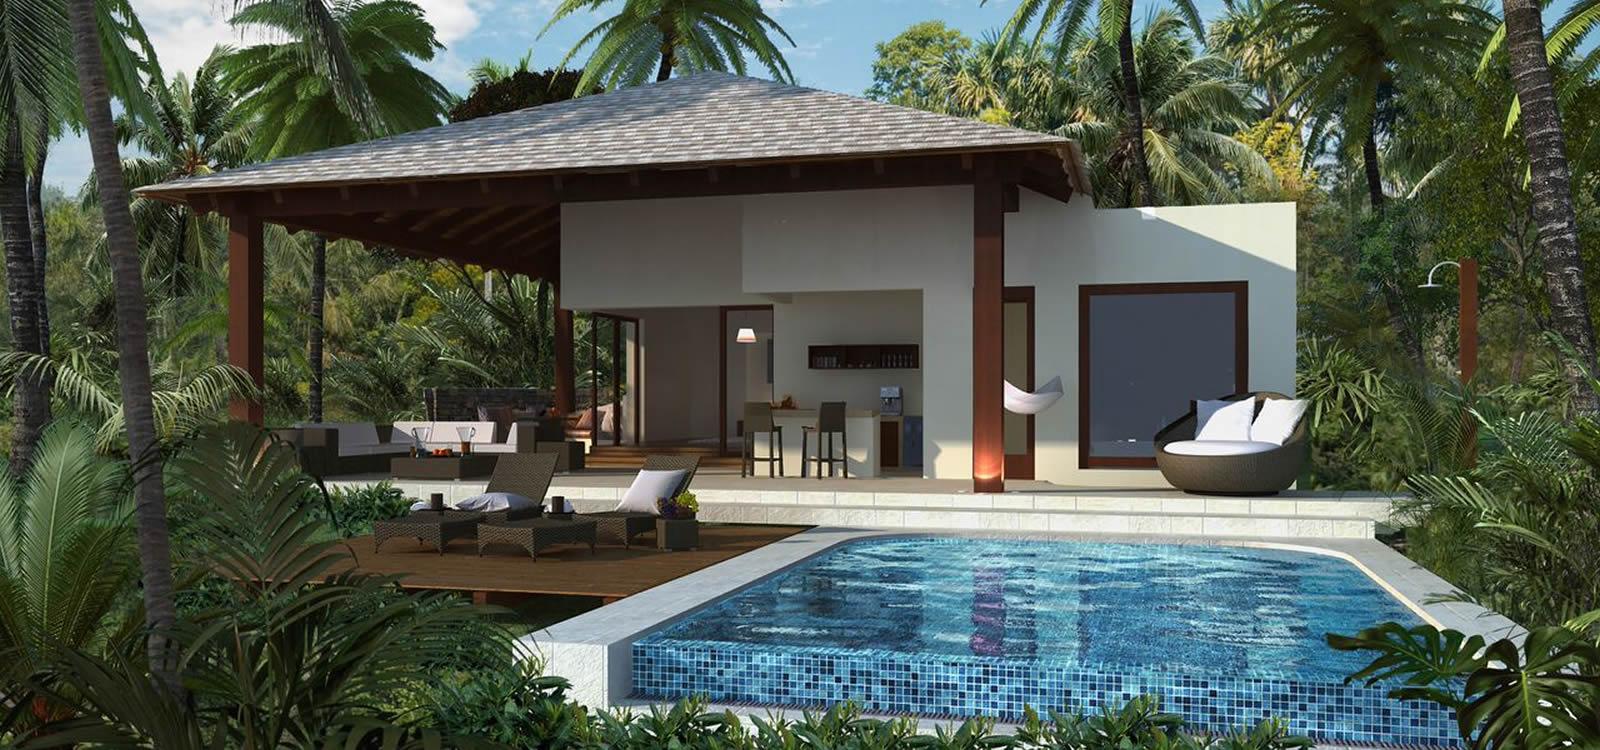 100 Backyard Cottages For Sale Real Estate U0026